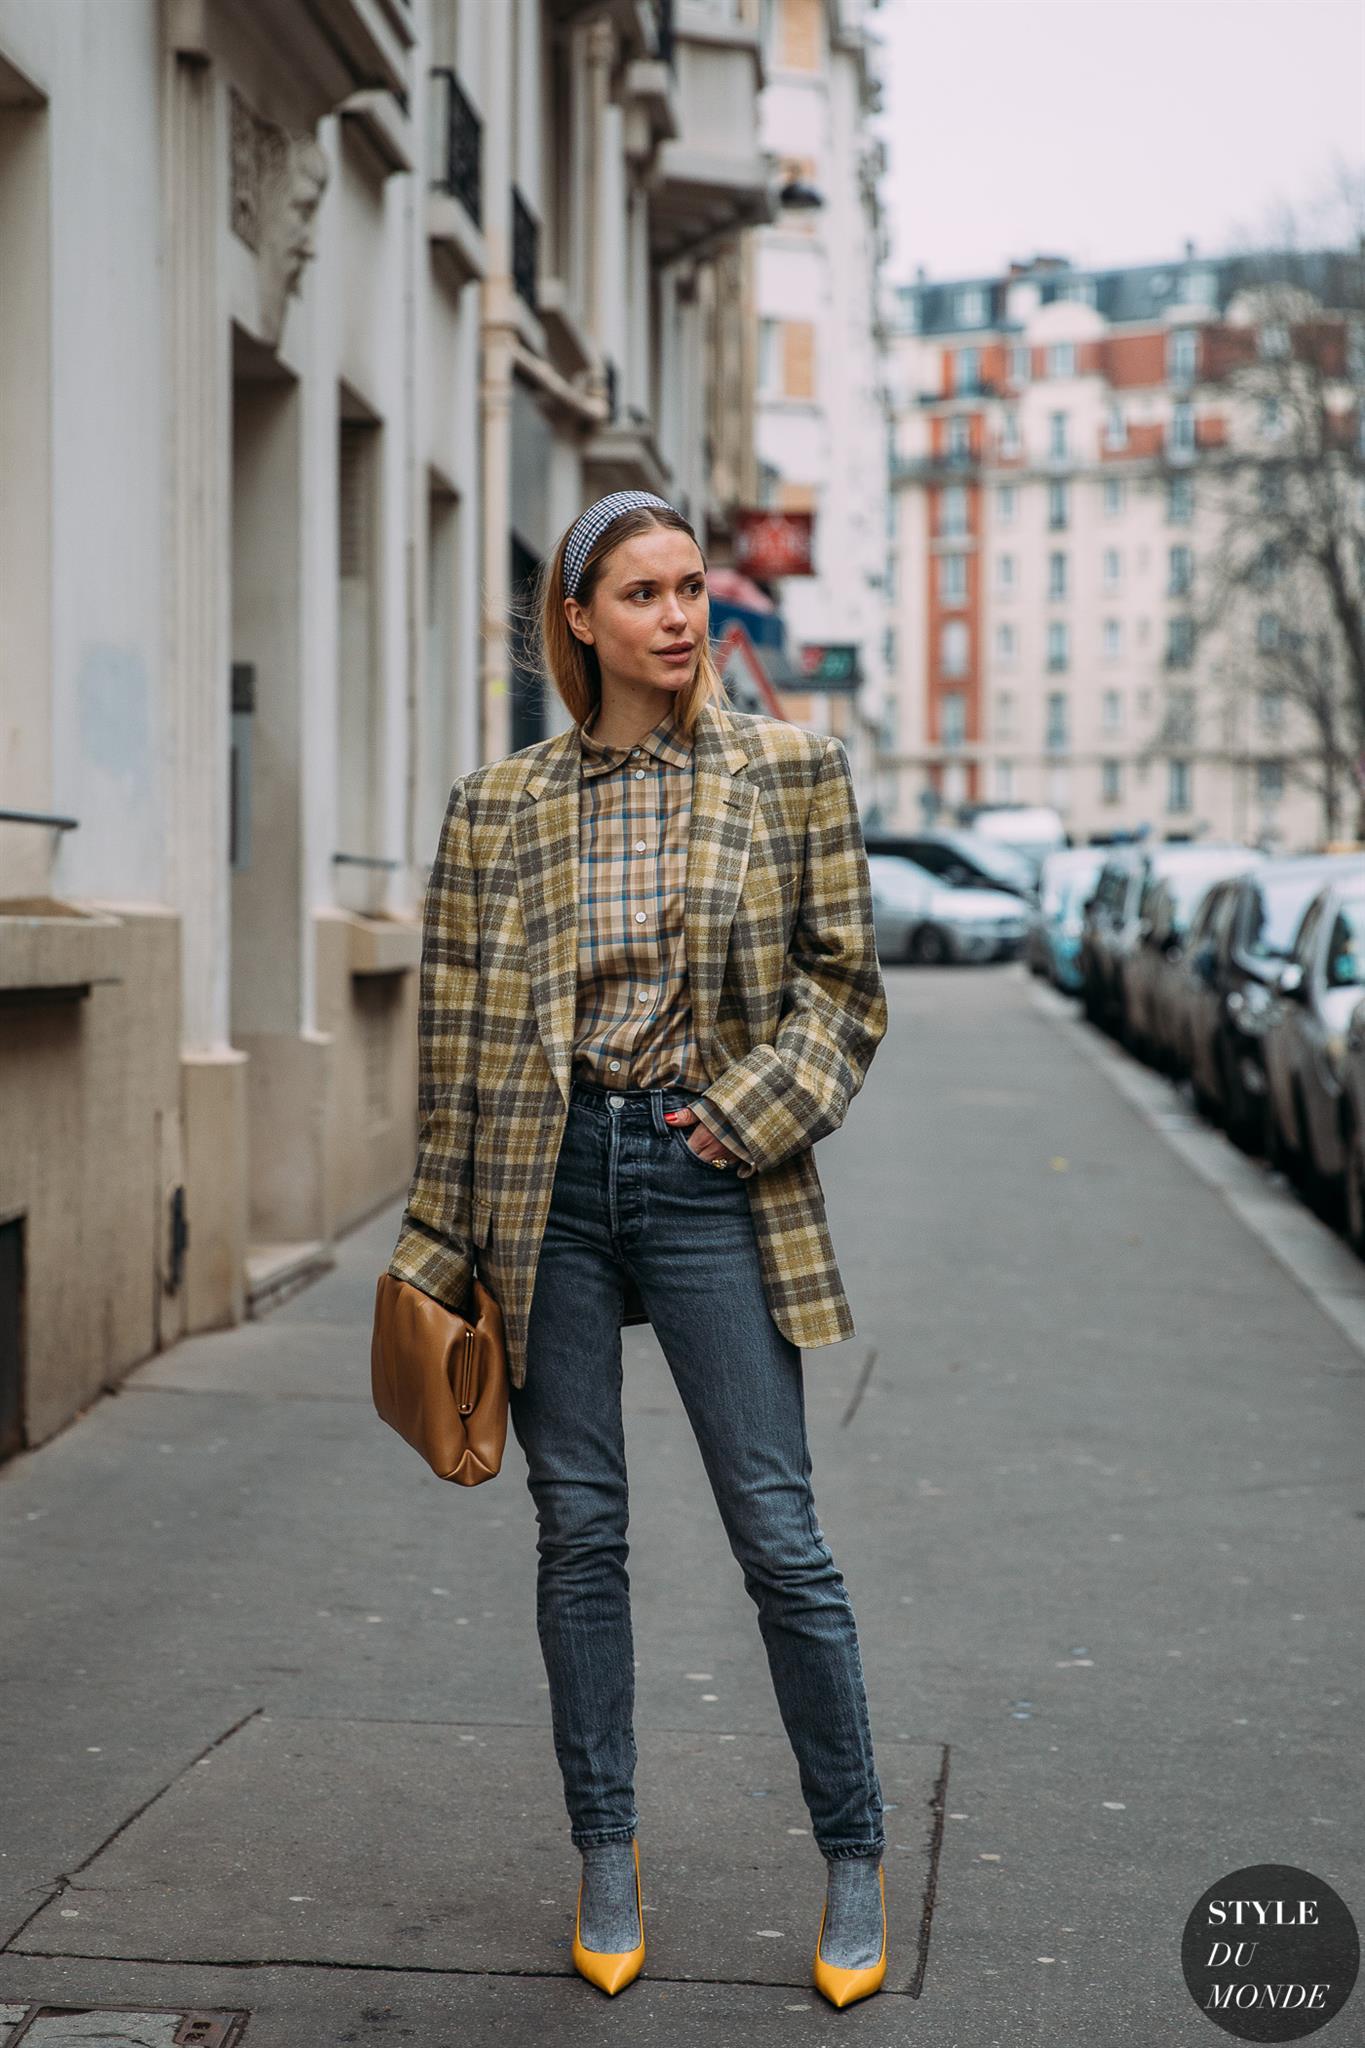 fashionista diện áo sơmi kẻ ô, blazer kẻ ô, quần jeans cạp cao và băng đô kẻ ô màu đen trắng